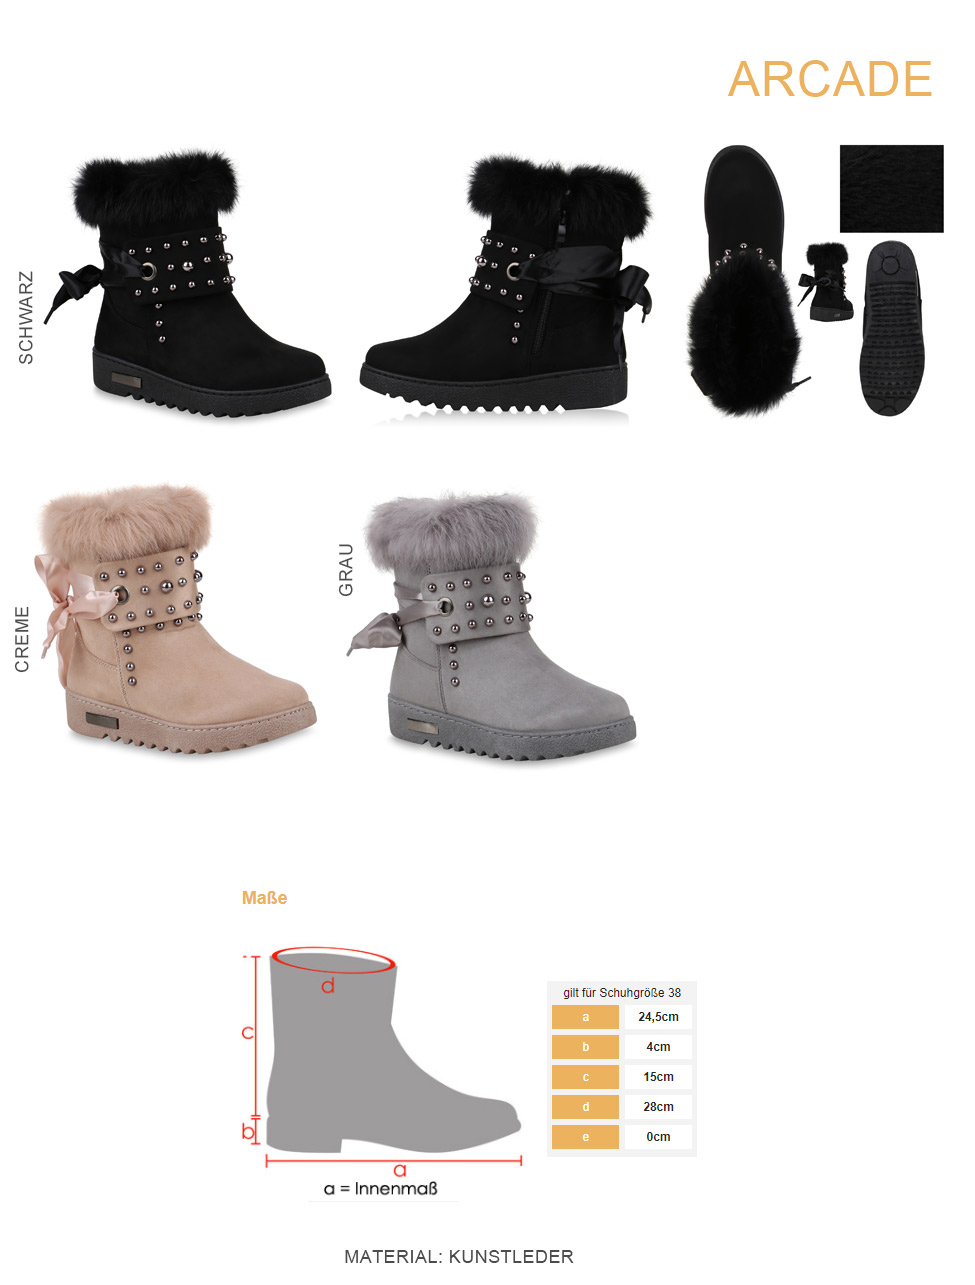 2e9e4ce7578d4 Details zu Warm Gefütterte Damen Stiefeletten Winterboots Fell Nieten  814300 Schuhe